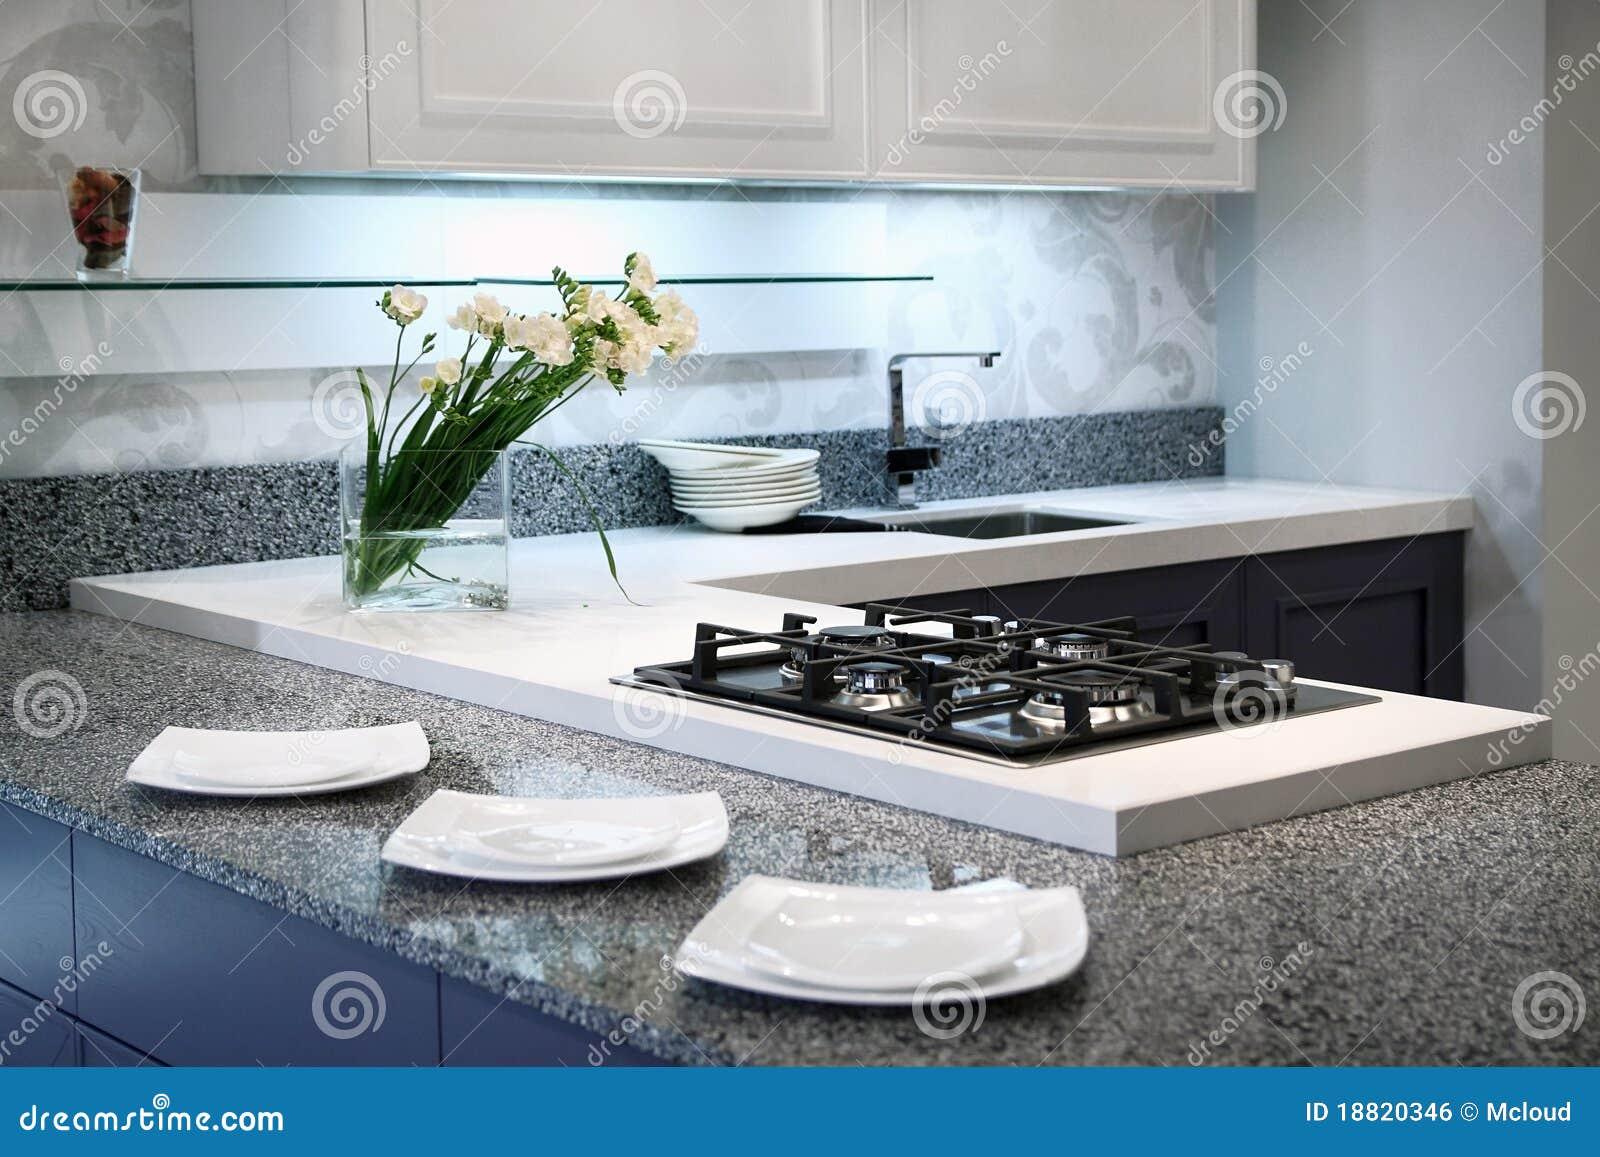 Cucina Di Stile Contemporaneo Fotografia Stock - Immagine di ...